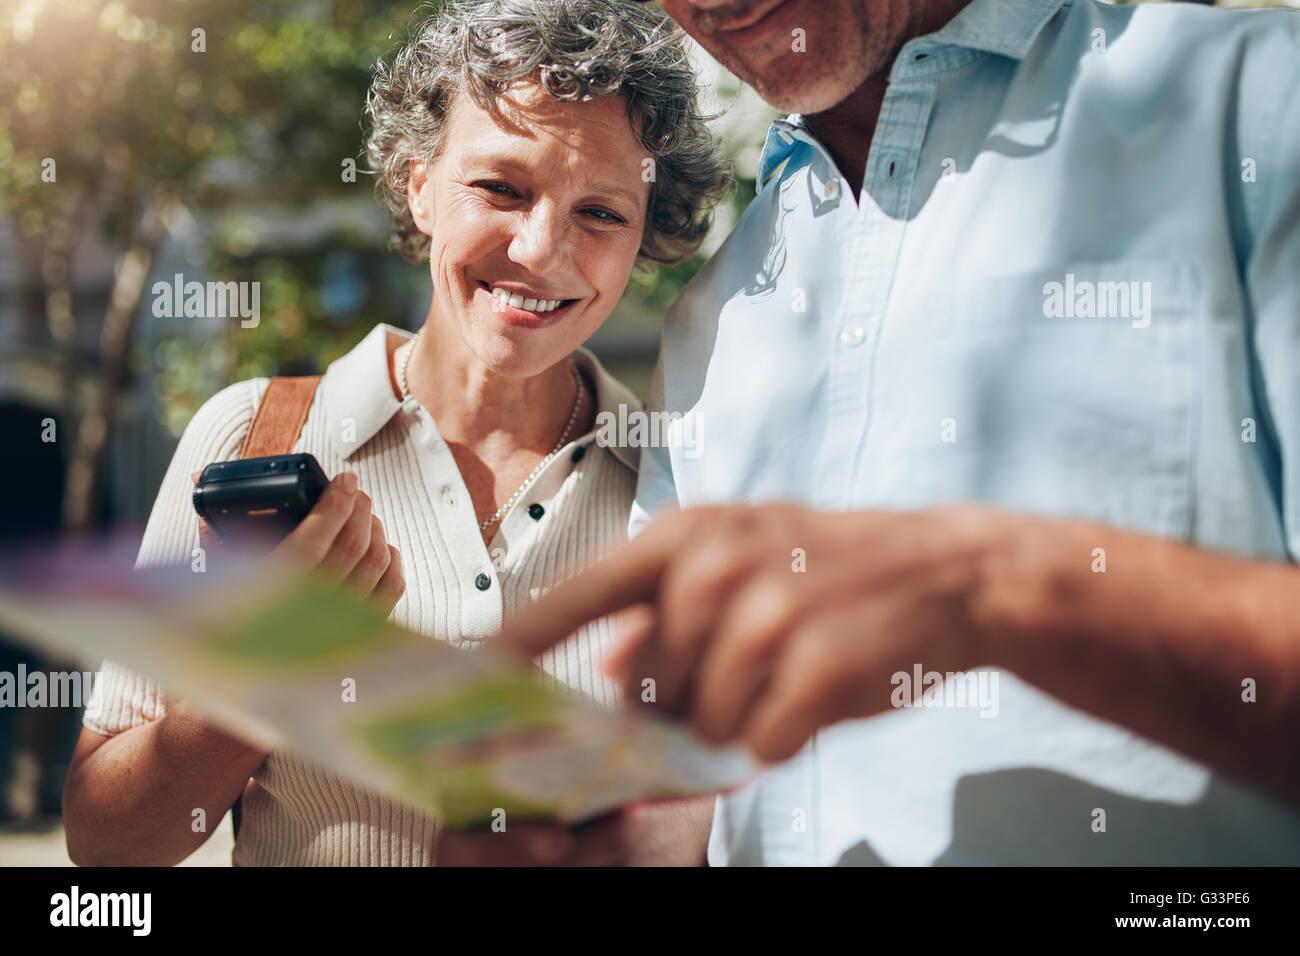 Mittleren gealterten paar Stadtplan betrachten. Glücklich Reife Frau mit ihrem Ehemann auf einen Sommerurlaub. Stockbild